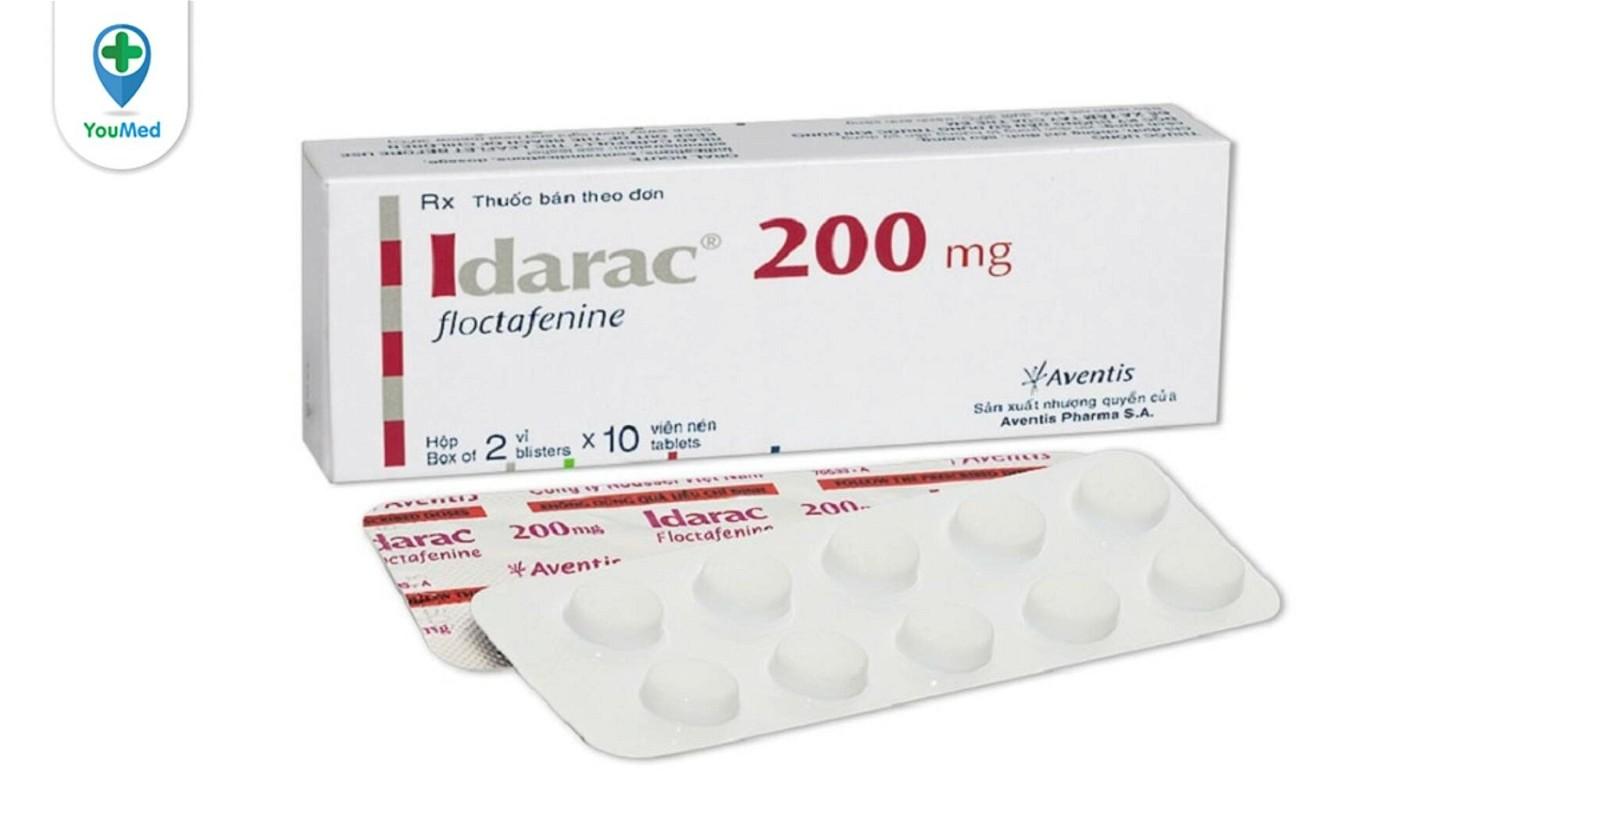 Idarac 200mg là thuốc gì? giá, công dụng và cách dùng hiệu quả